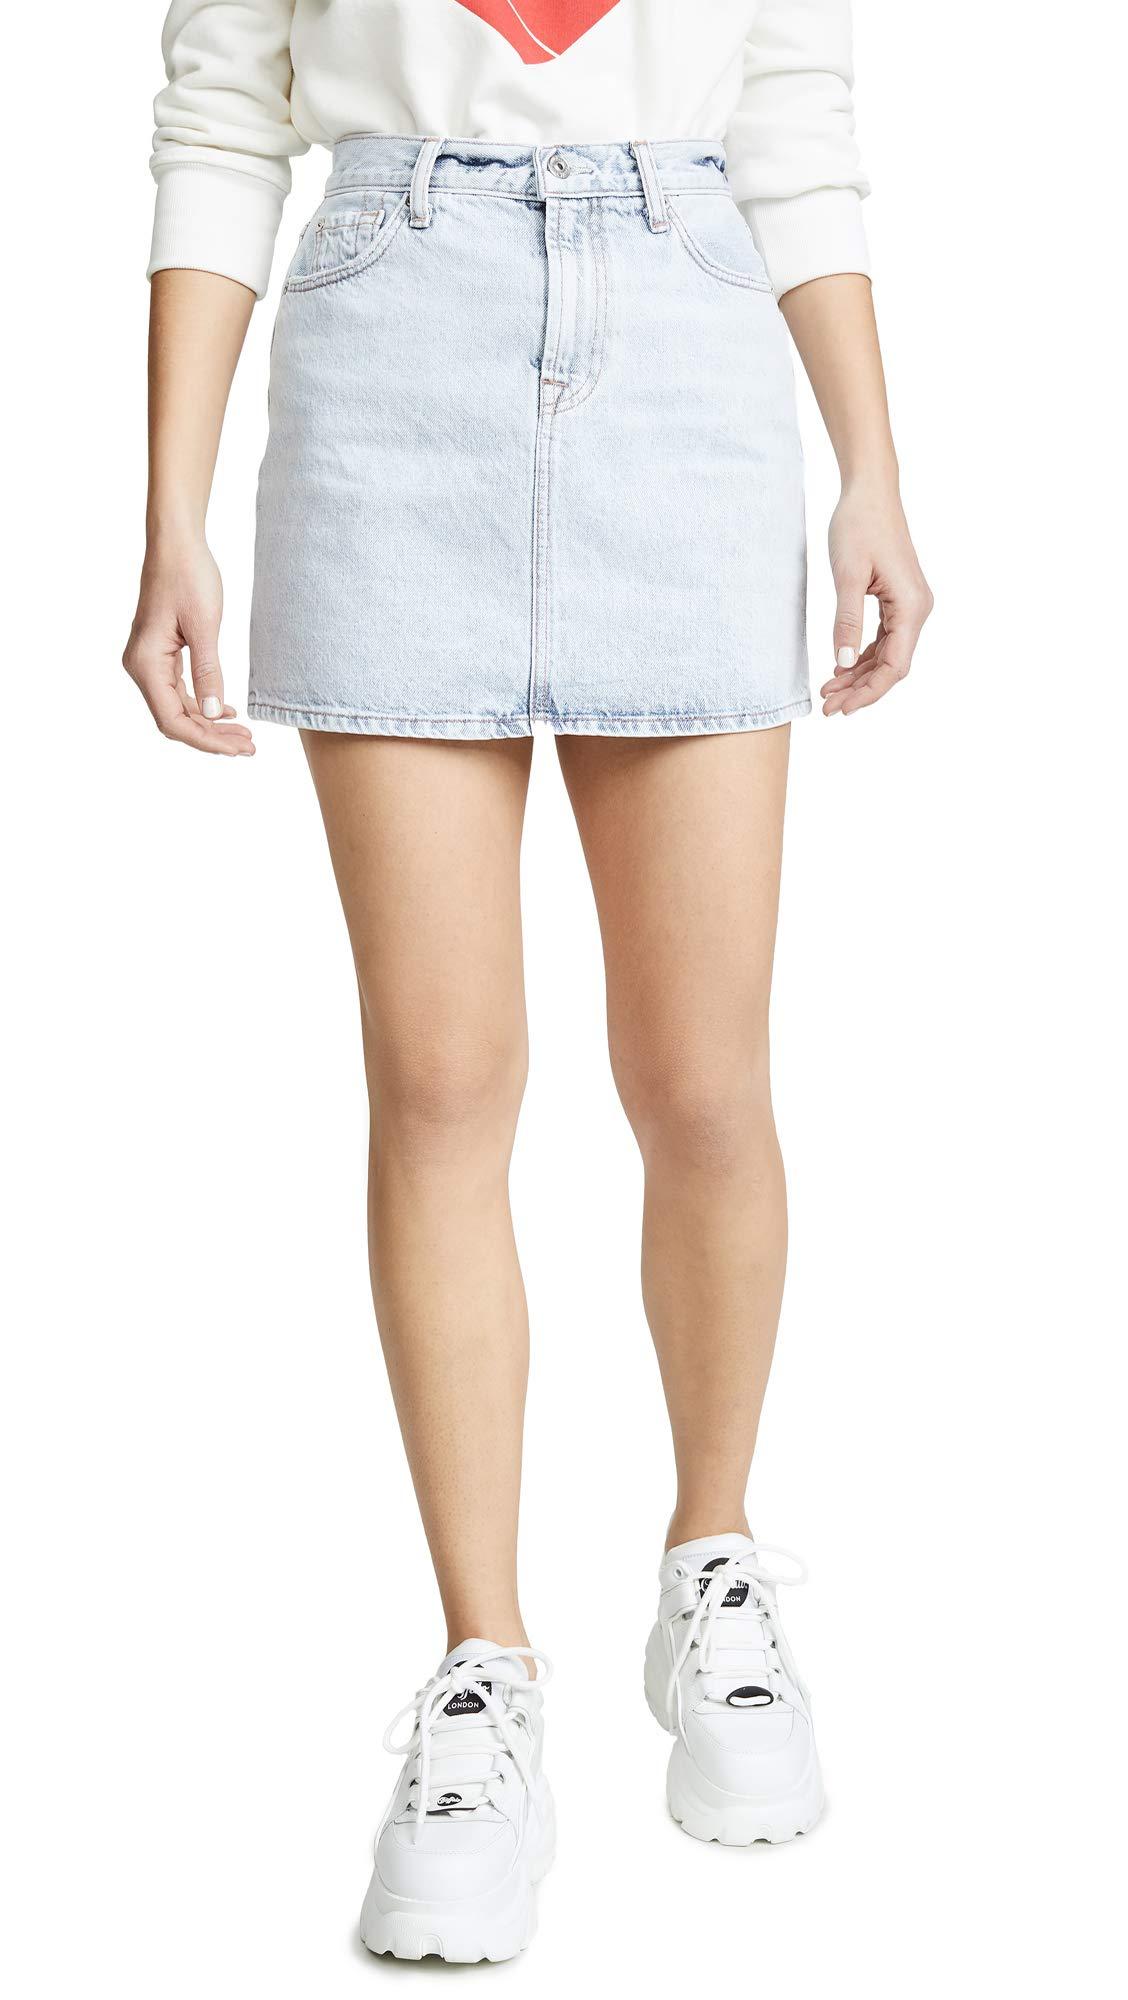 7 For All Mankind Women's Miniskirt